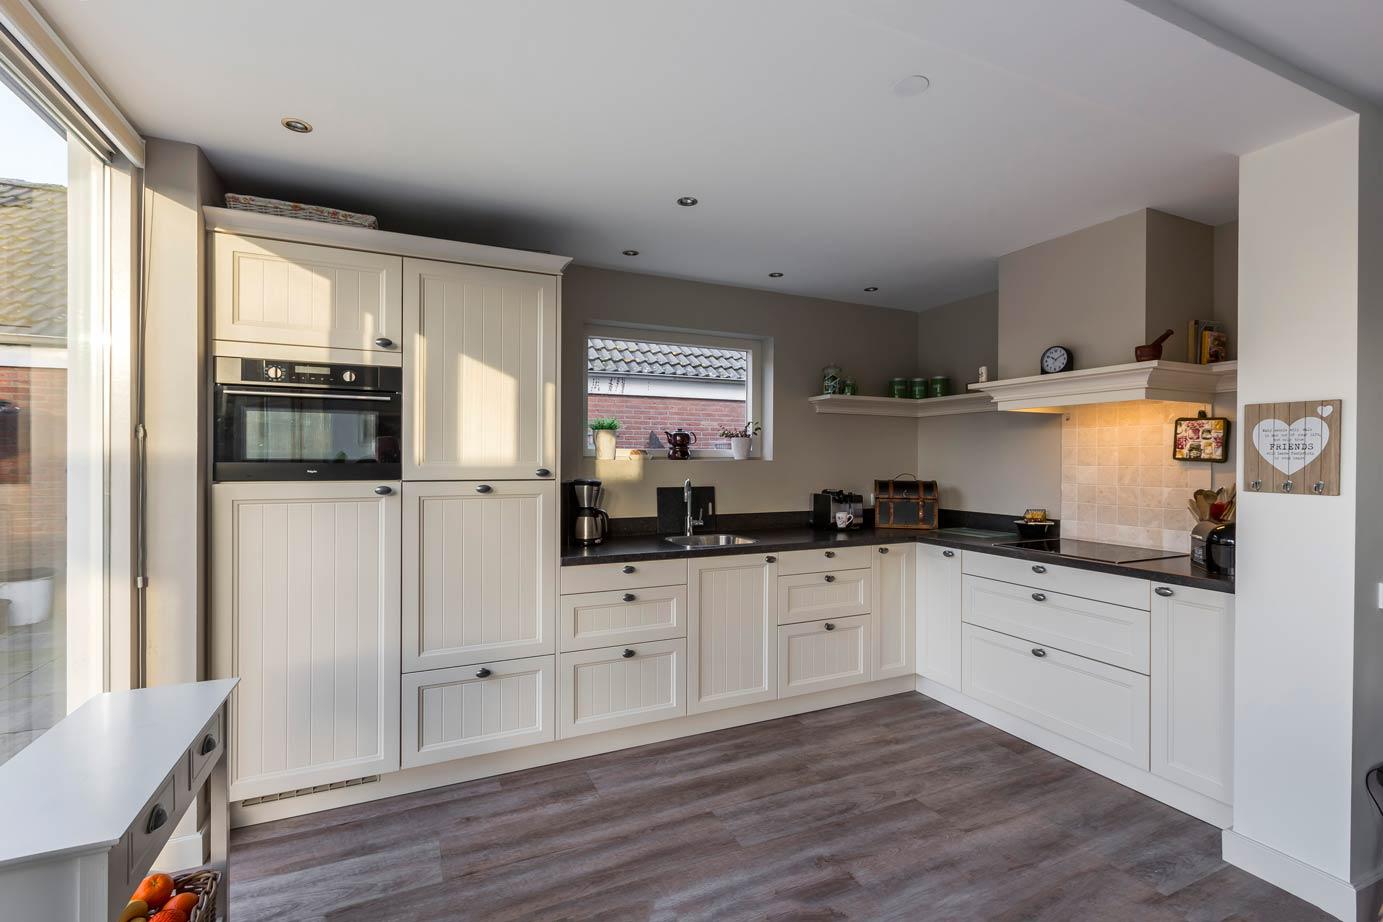 Arma Keukens Nunspeet : Keuken en badkamer kopen utrecht lees klantervaring db keukens